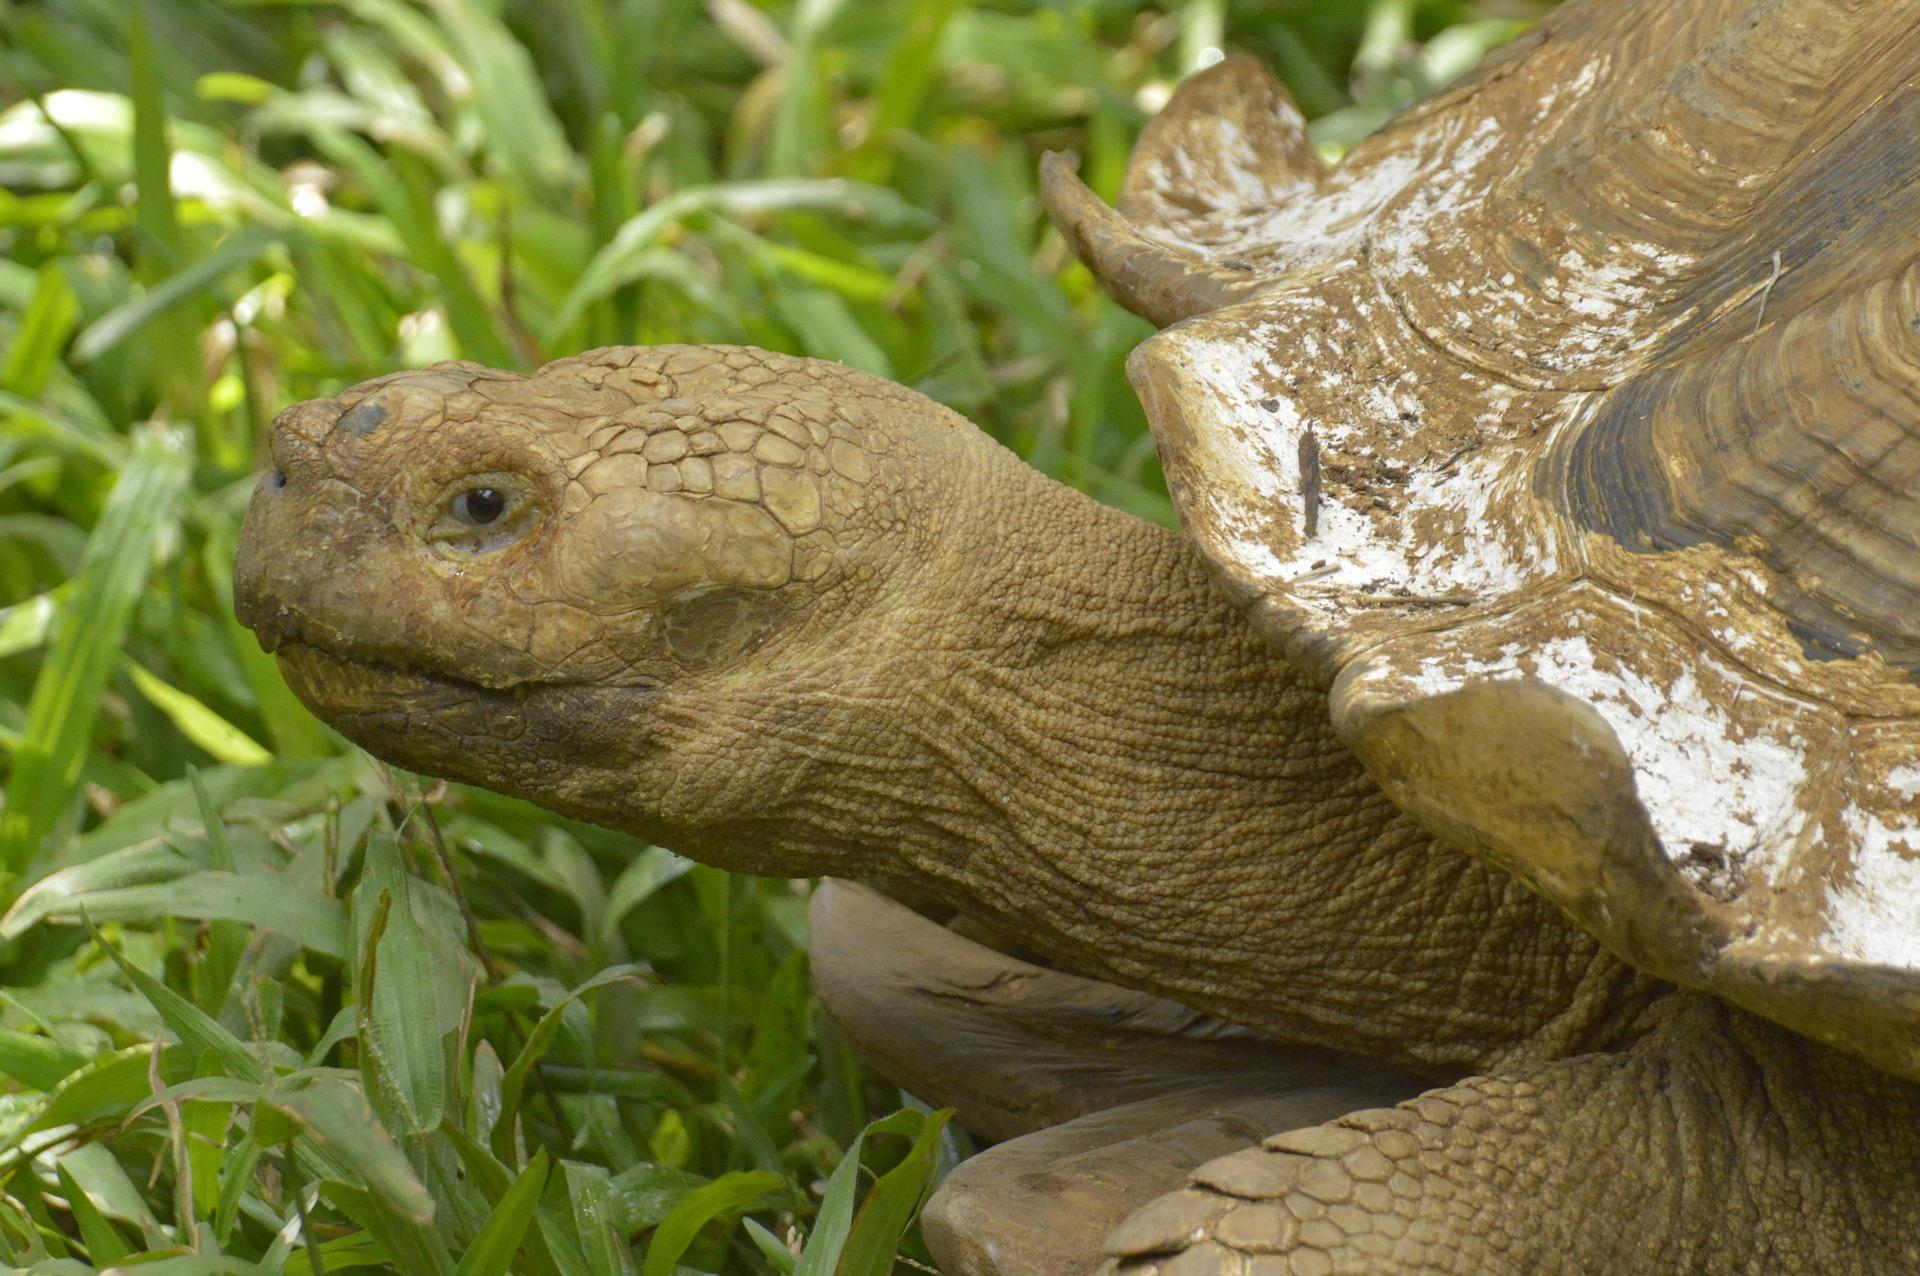 Landschildkröte - tortoise